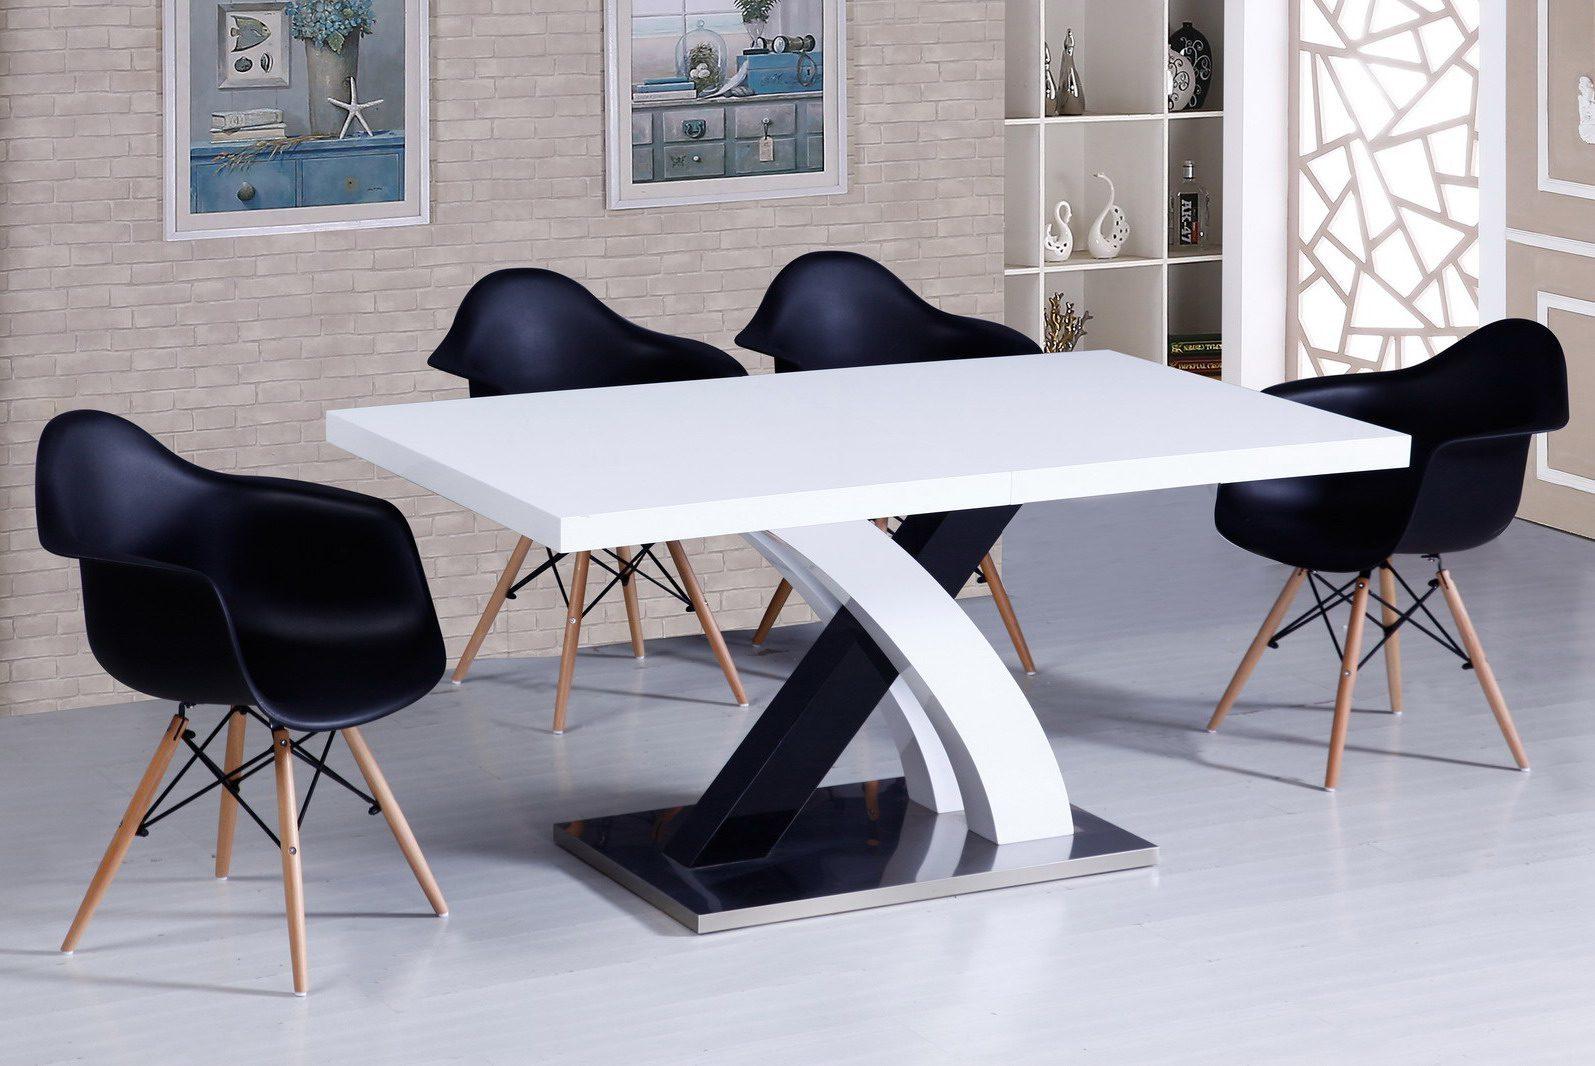 Стол ESF DT75 белый, стулья ESF 982 черный